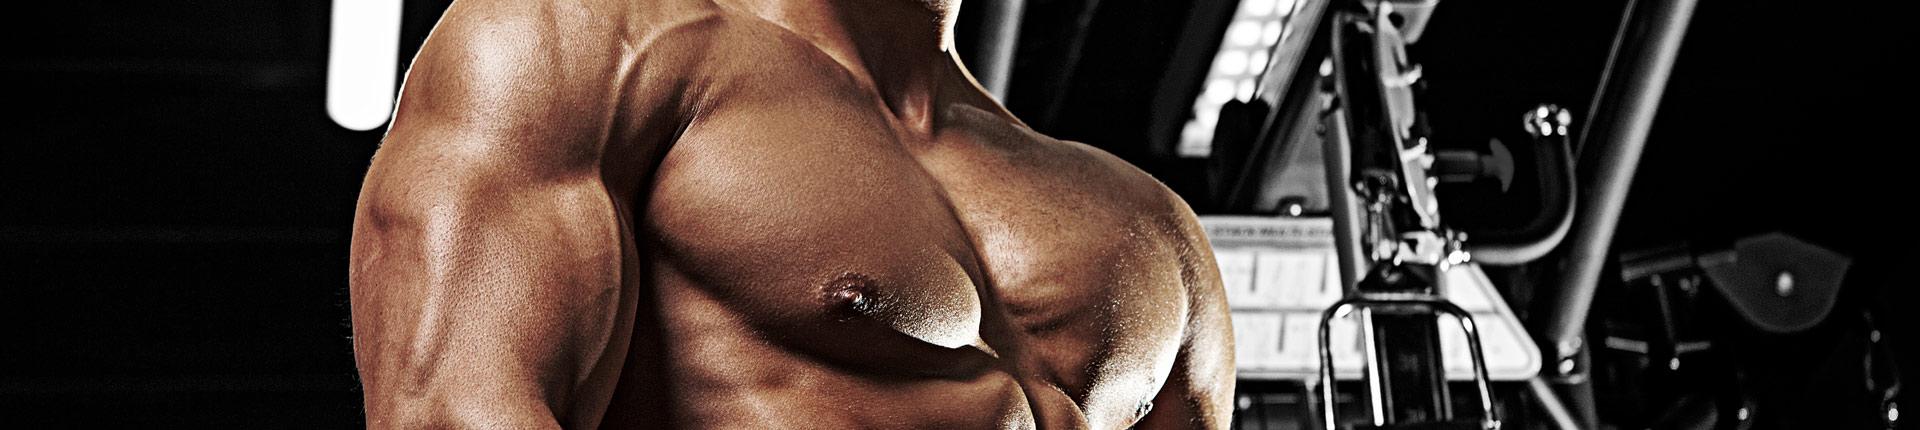 Mięśnie klatki piersiowej nie rosną? Stagnacja mięsni piersiowych, jak sobie poradzic?